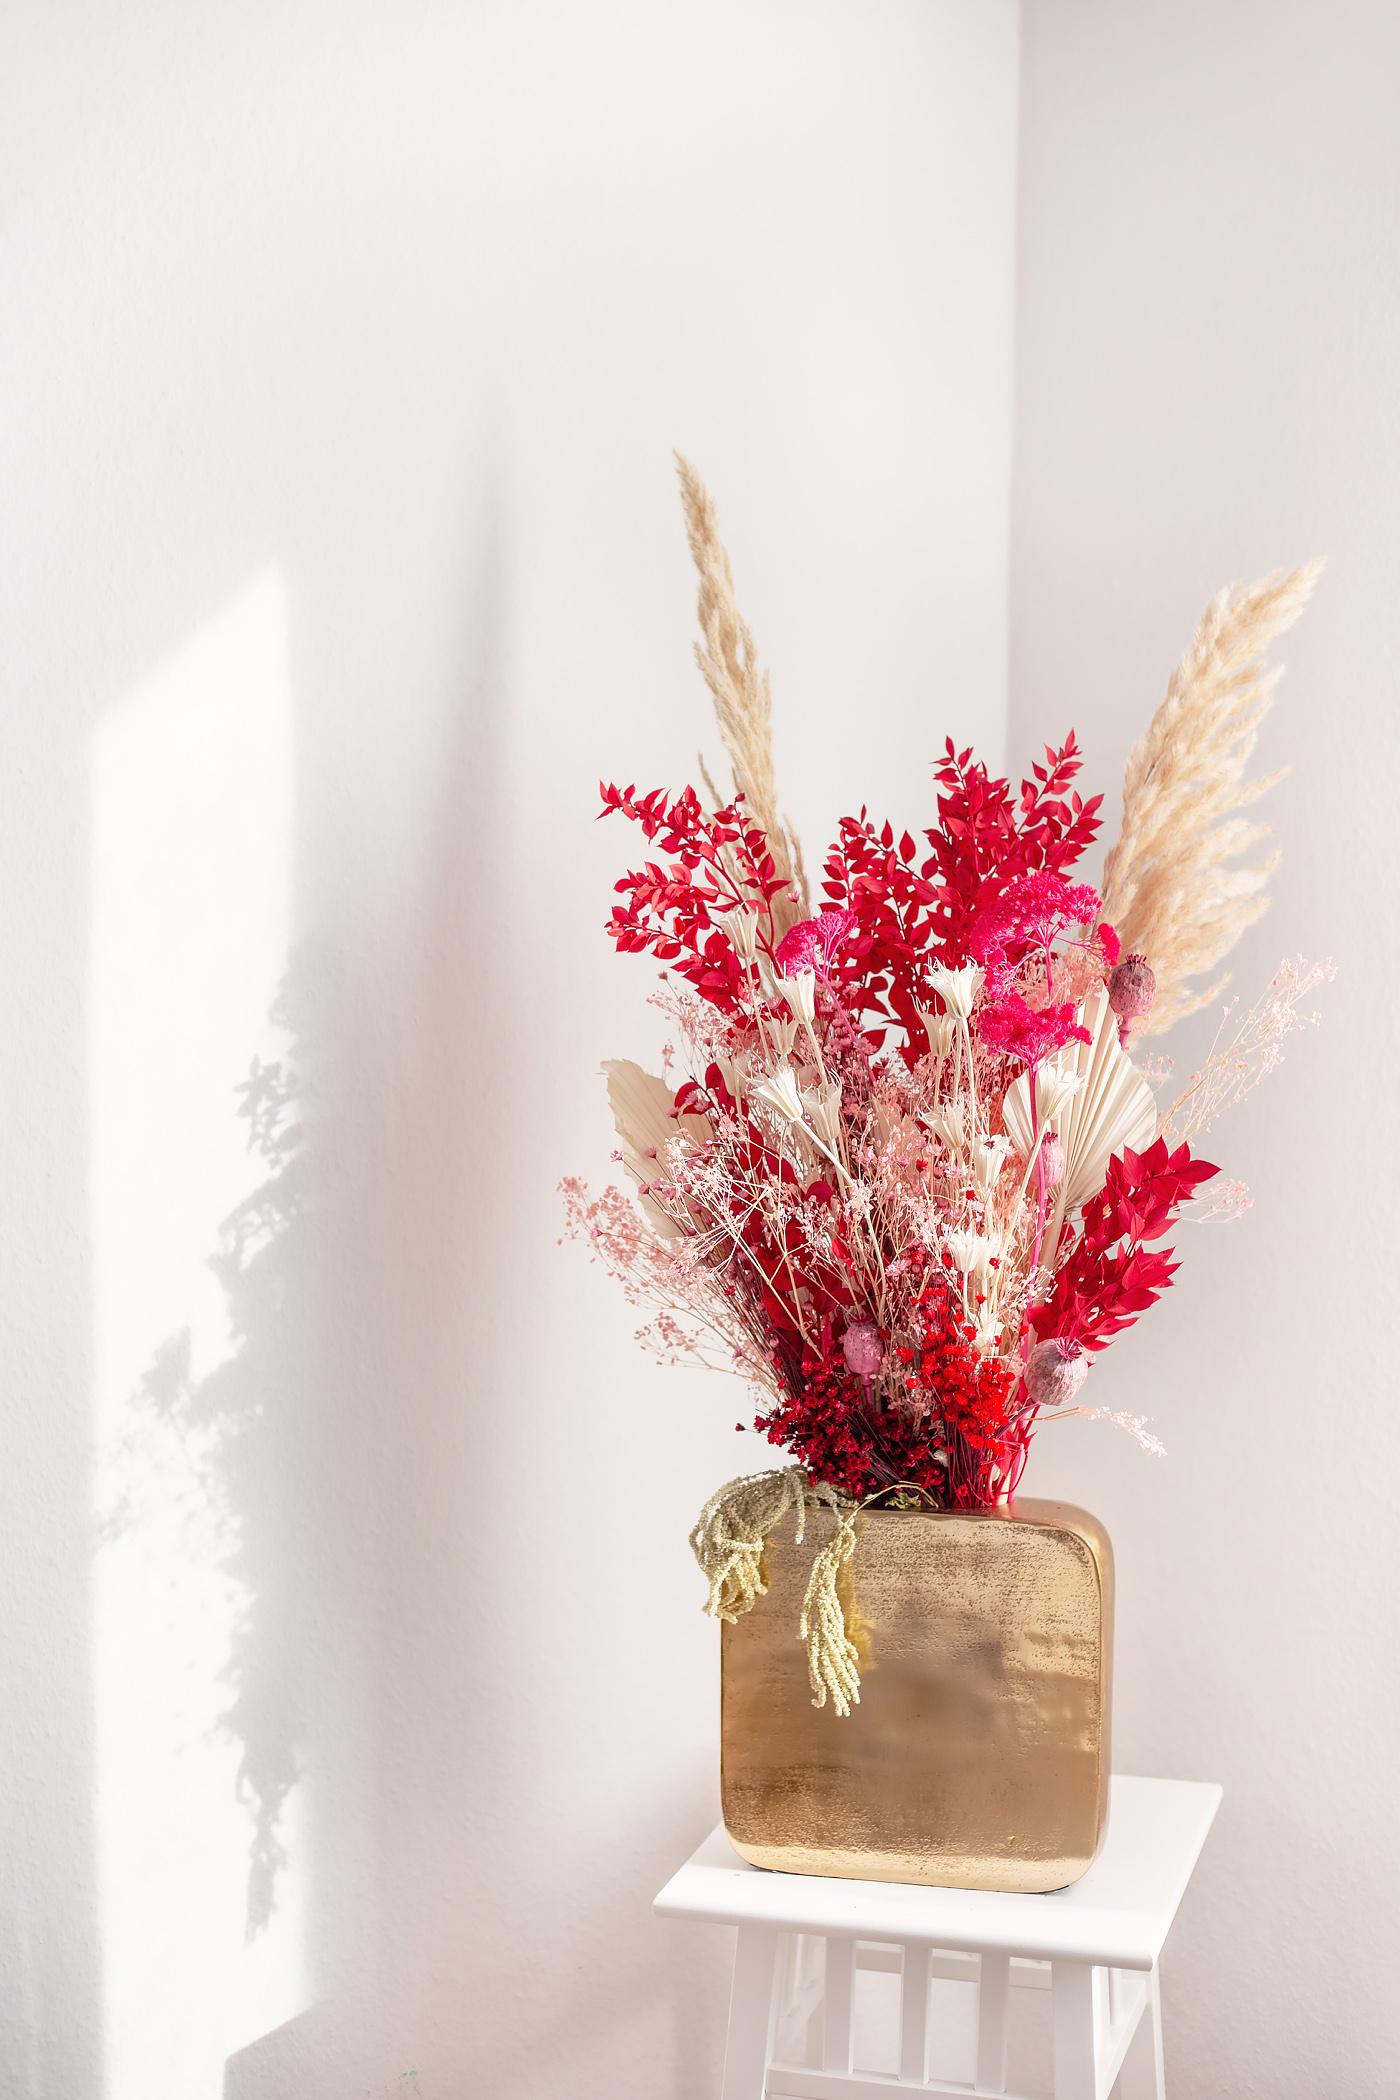 gold vase eckig bouquet getrocknet rot paris